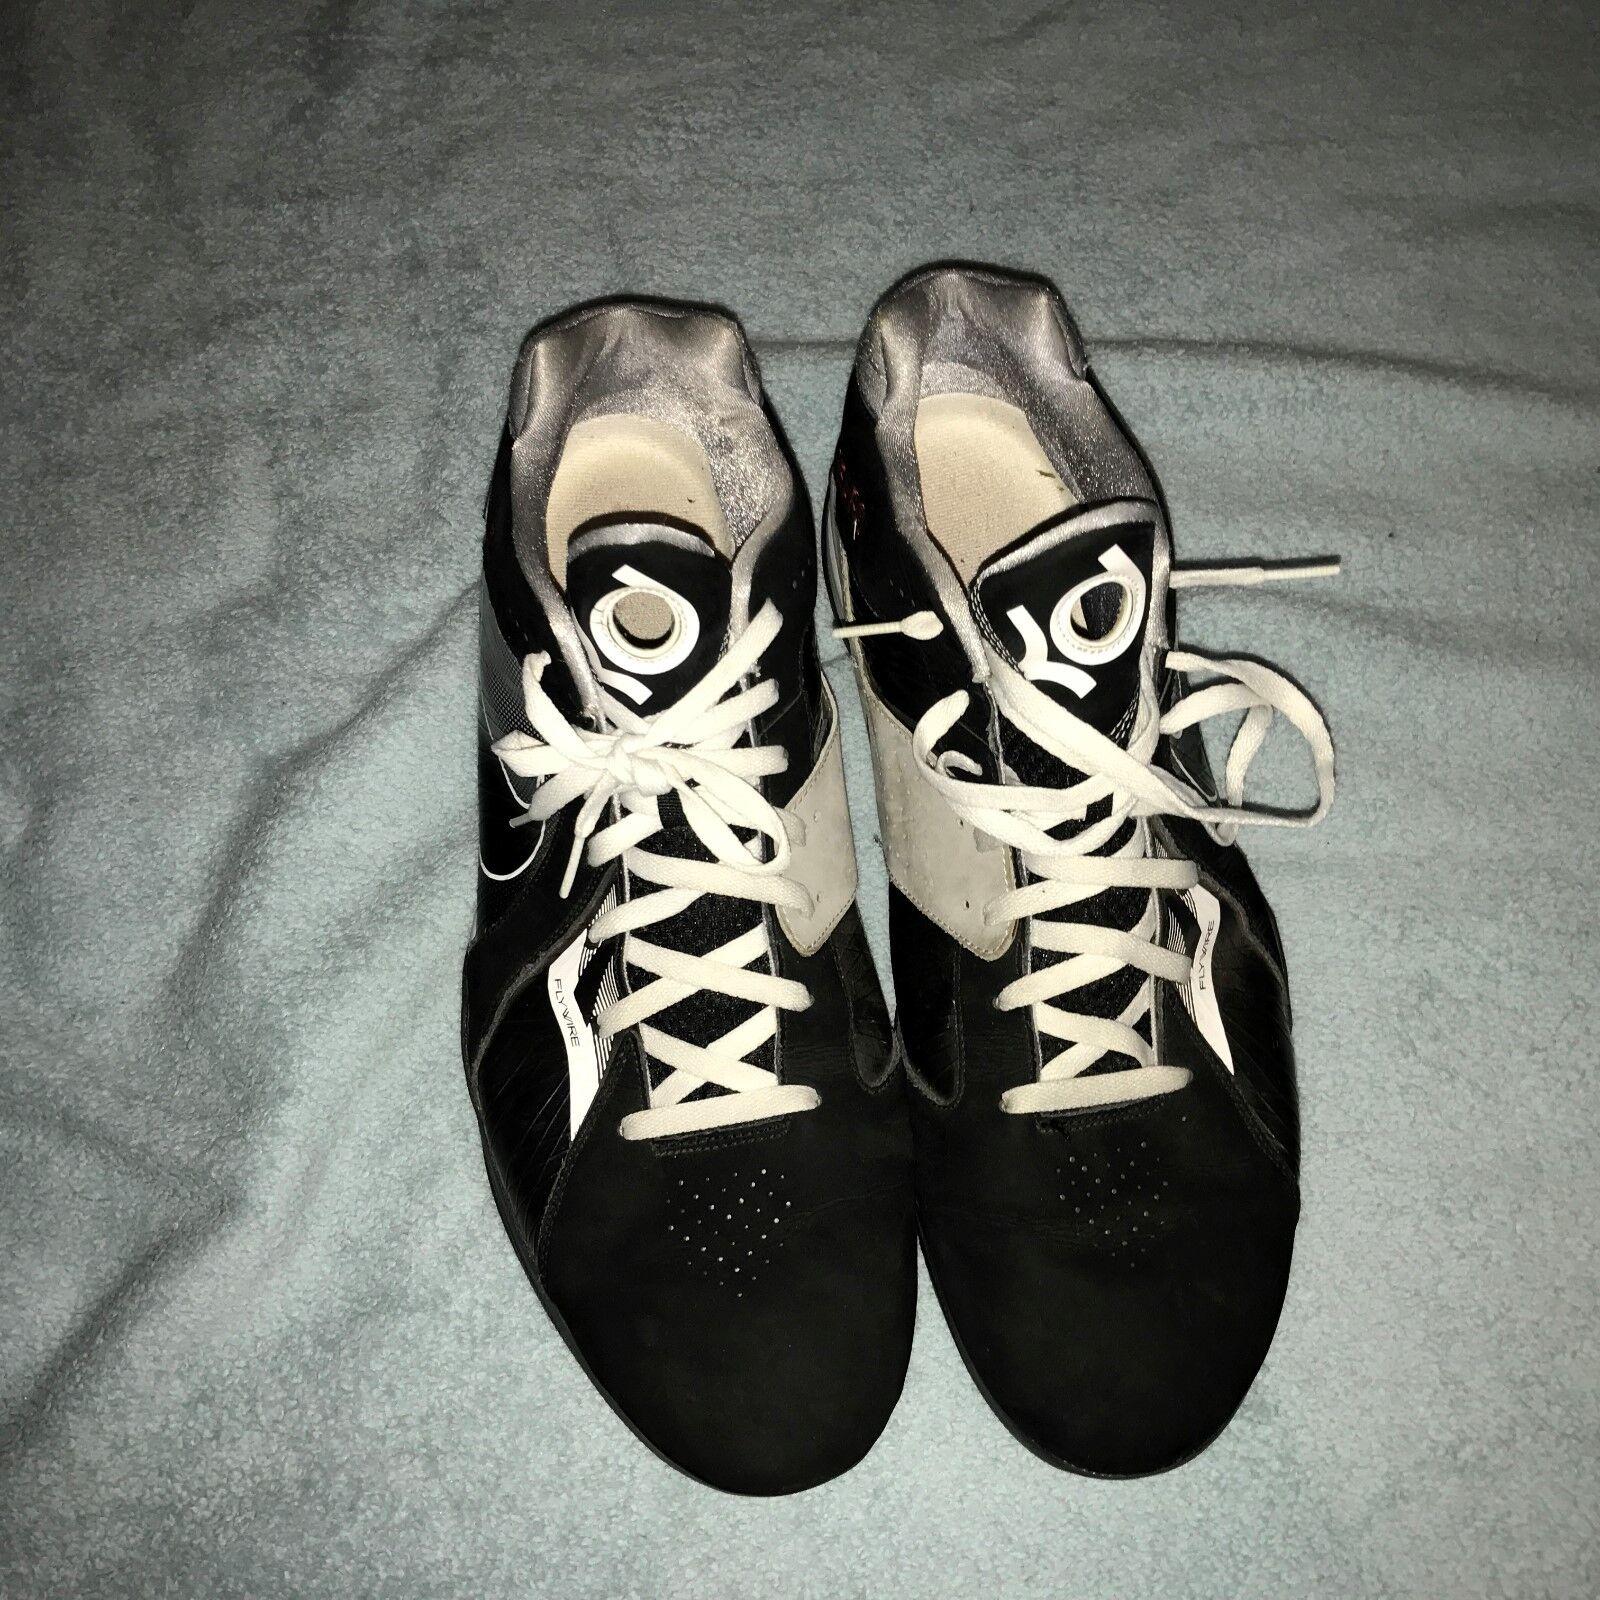 save off dcada 94087 Nike Zoom KD KD KD III negro tamaño NIKEiD hombres tamaño 18 Estados Unidos  reducción del